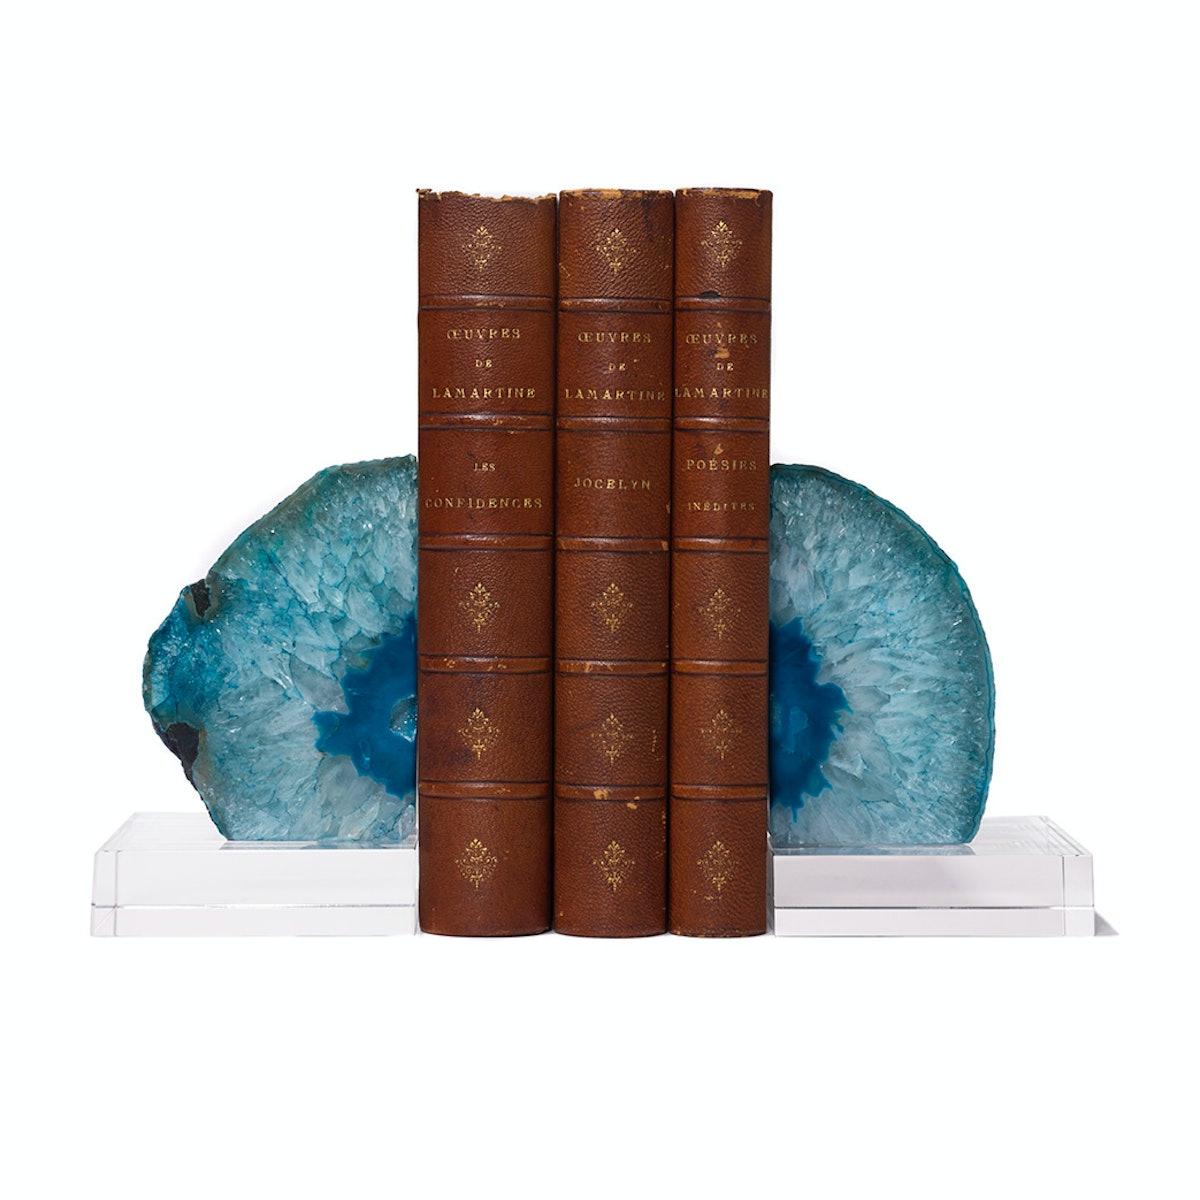 Juniper Books antique leather books